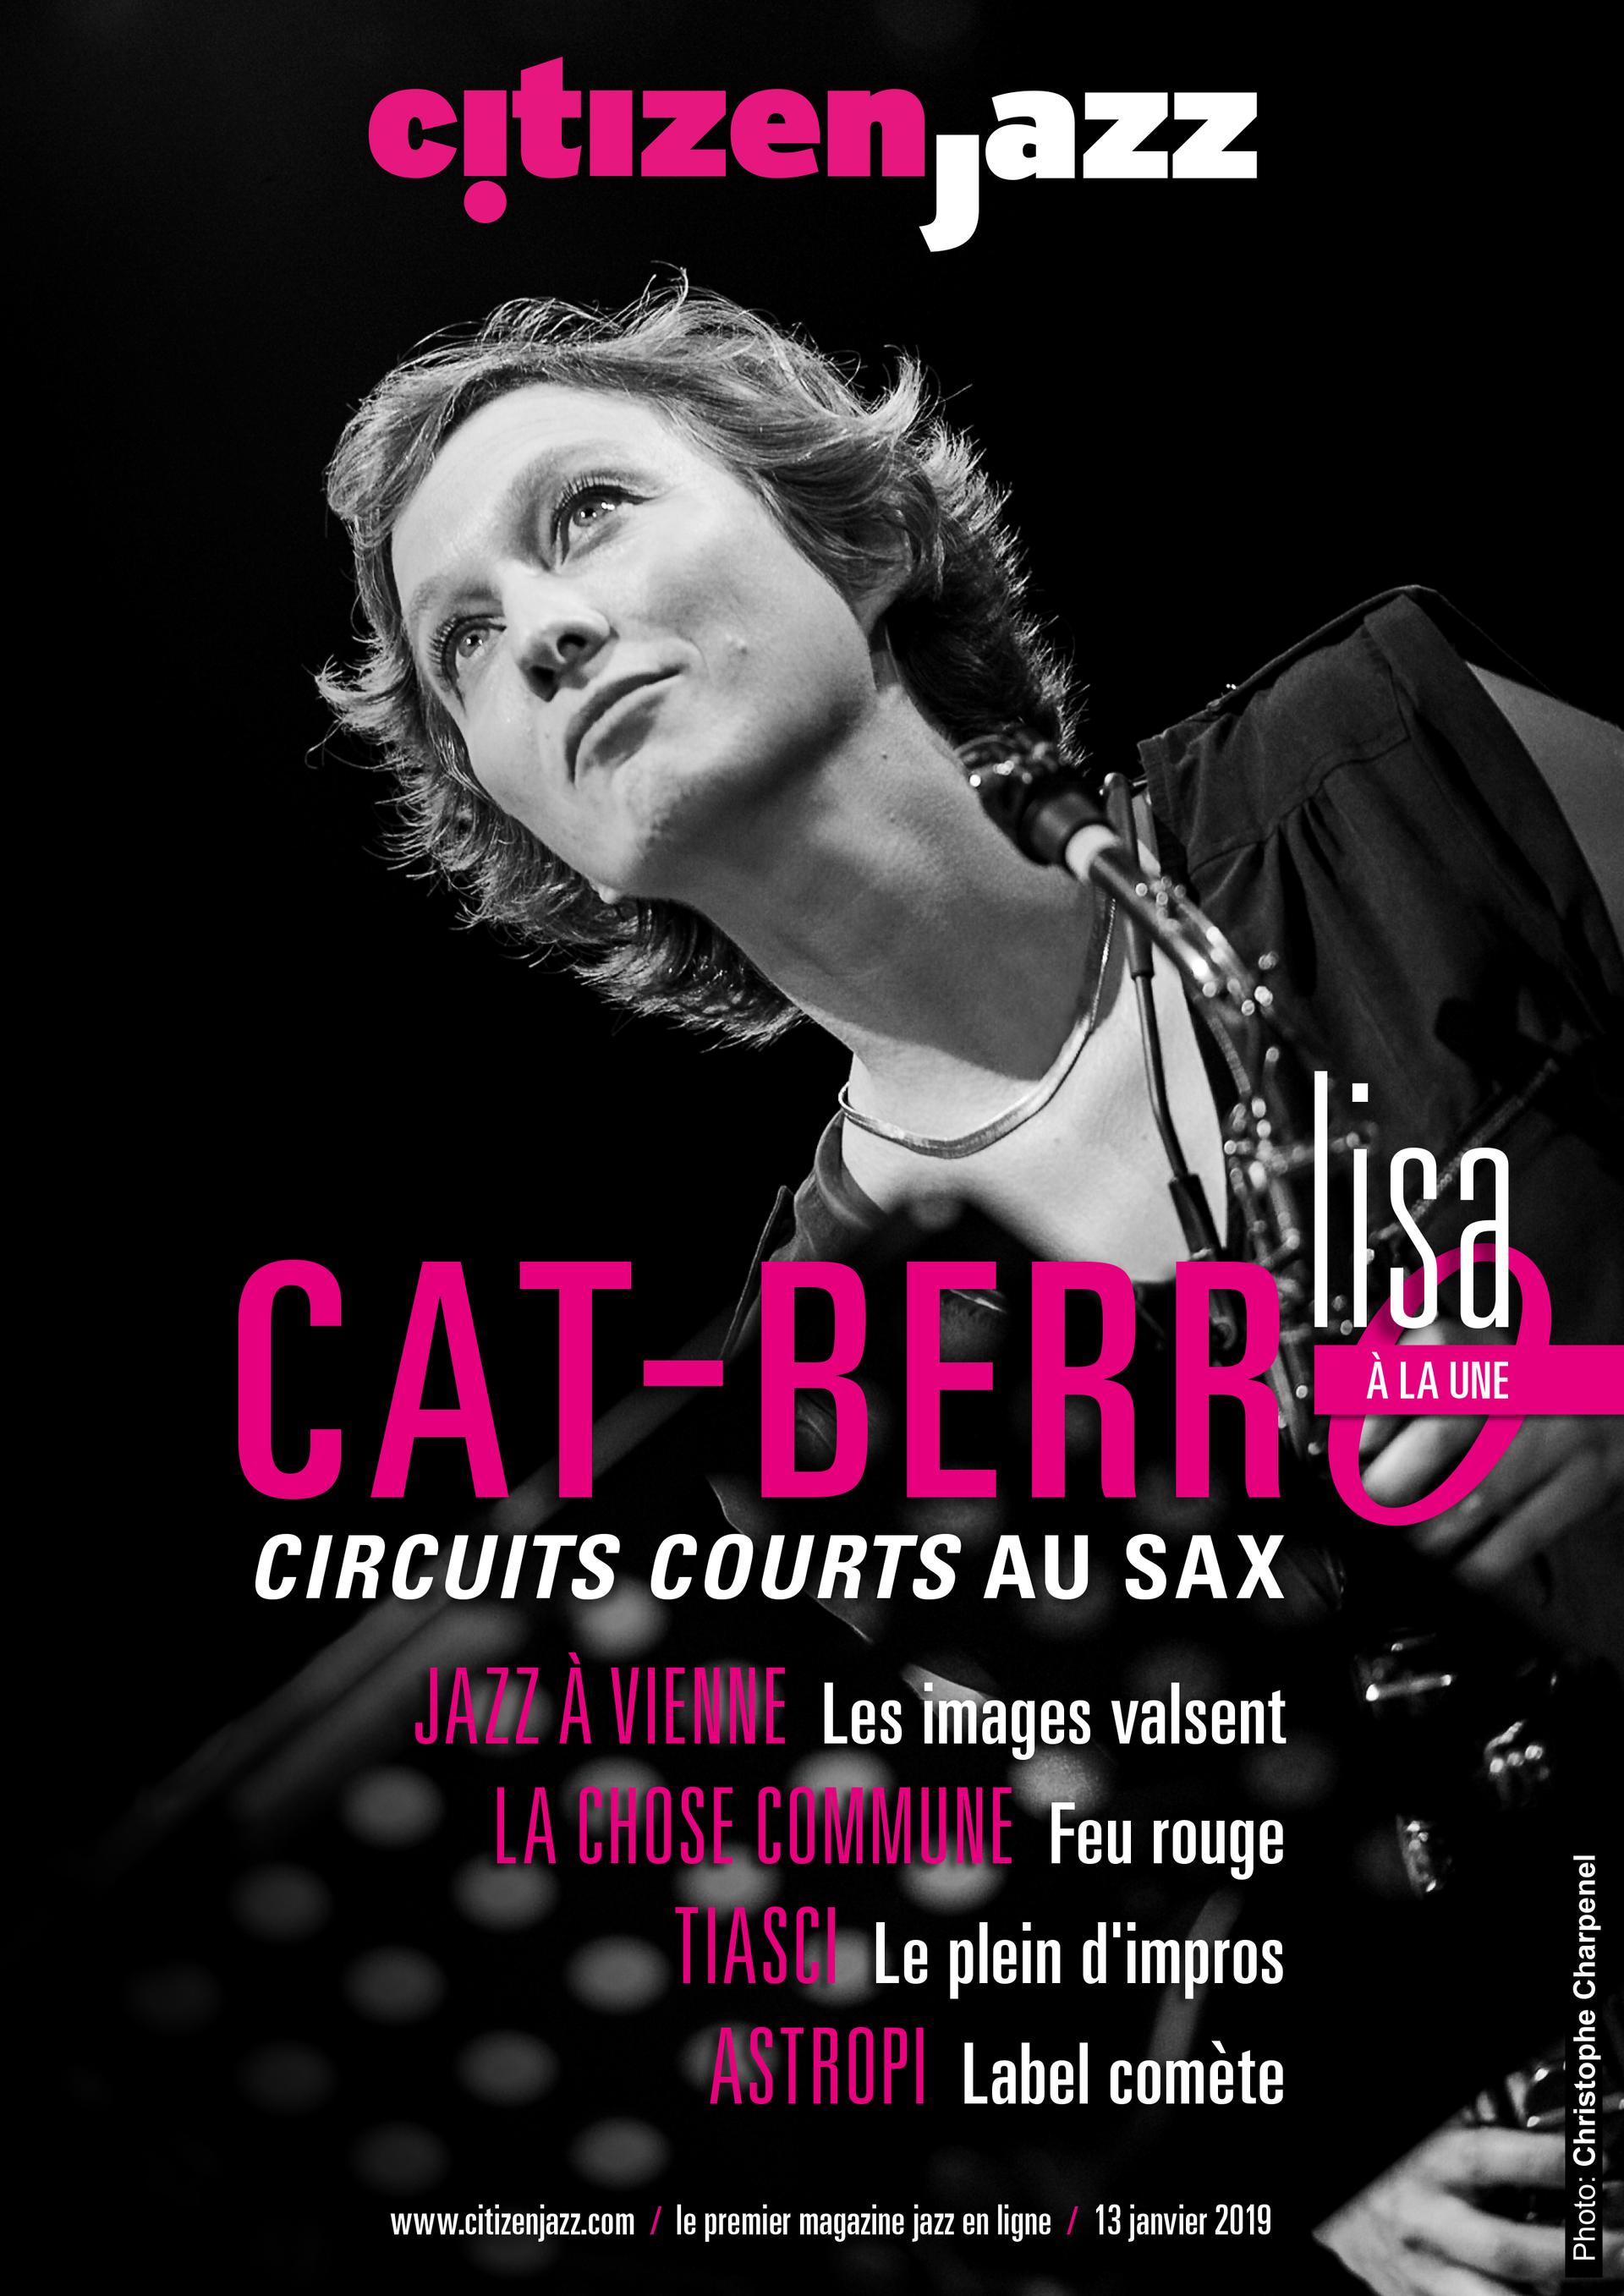 Citizen Jazz 13 janvier 2019 Entretien par Raphaël Benoît, Photos Christian Taillemite et Christophe Charpenel